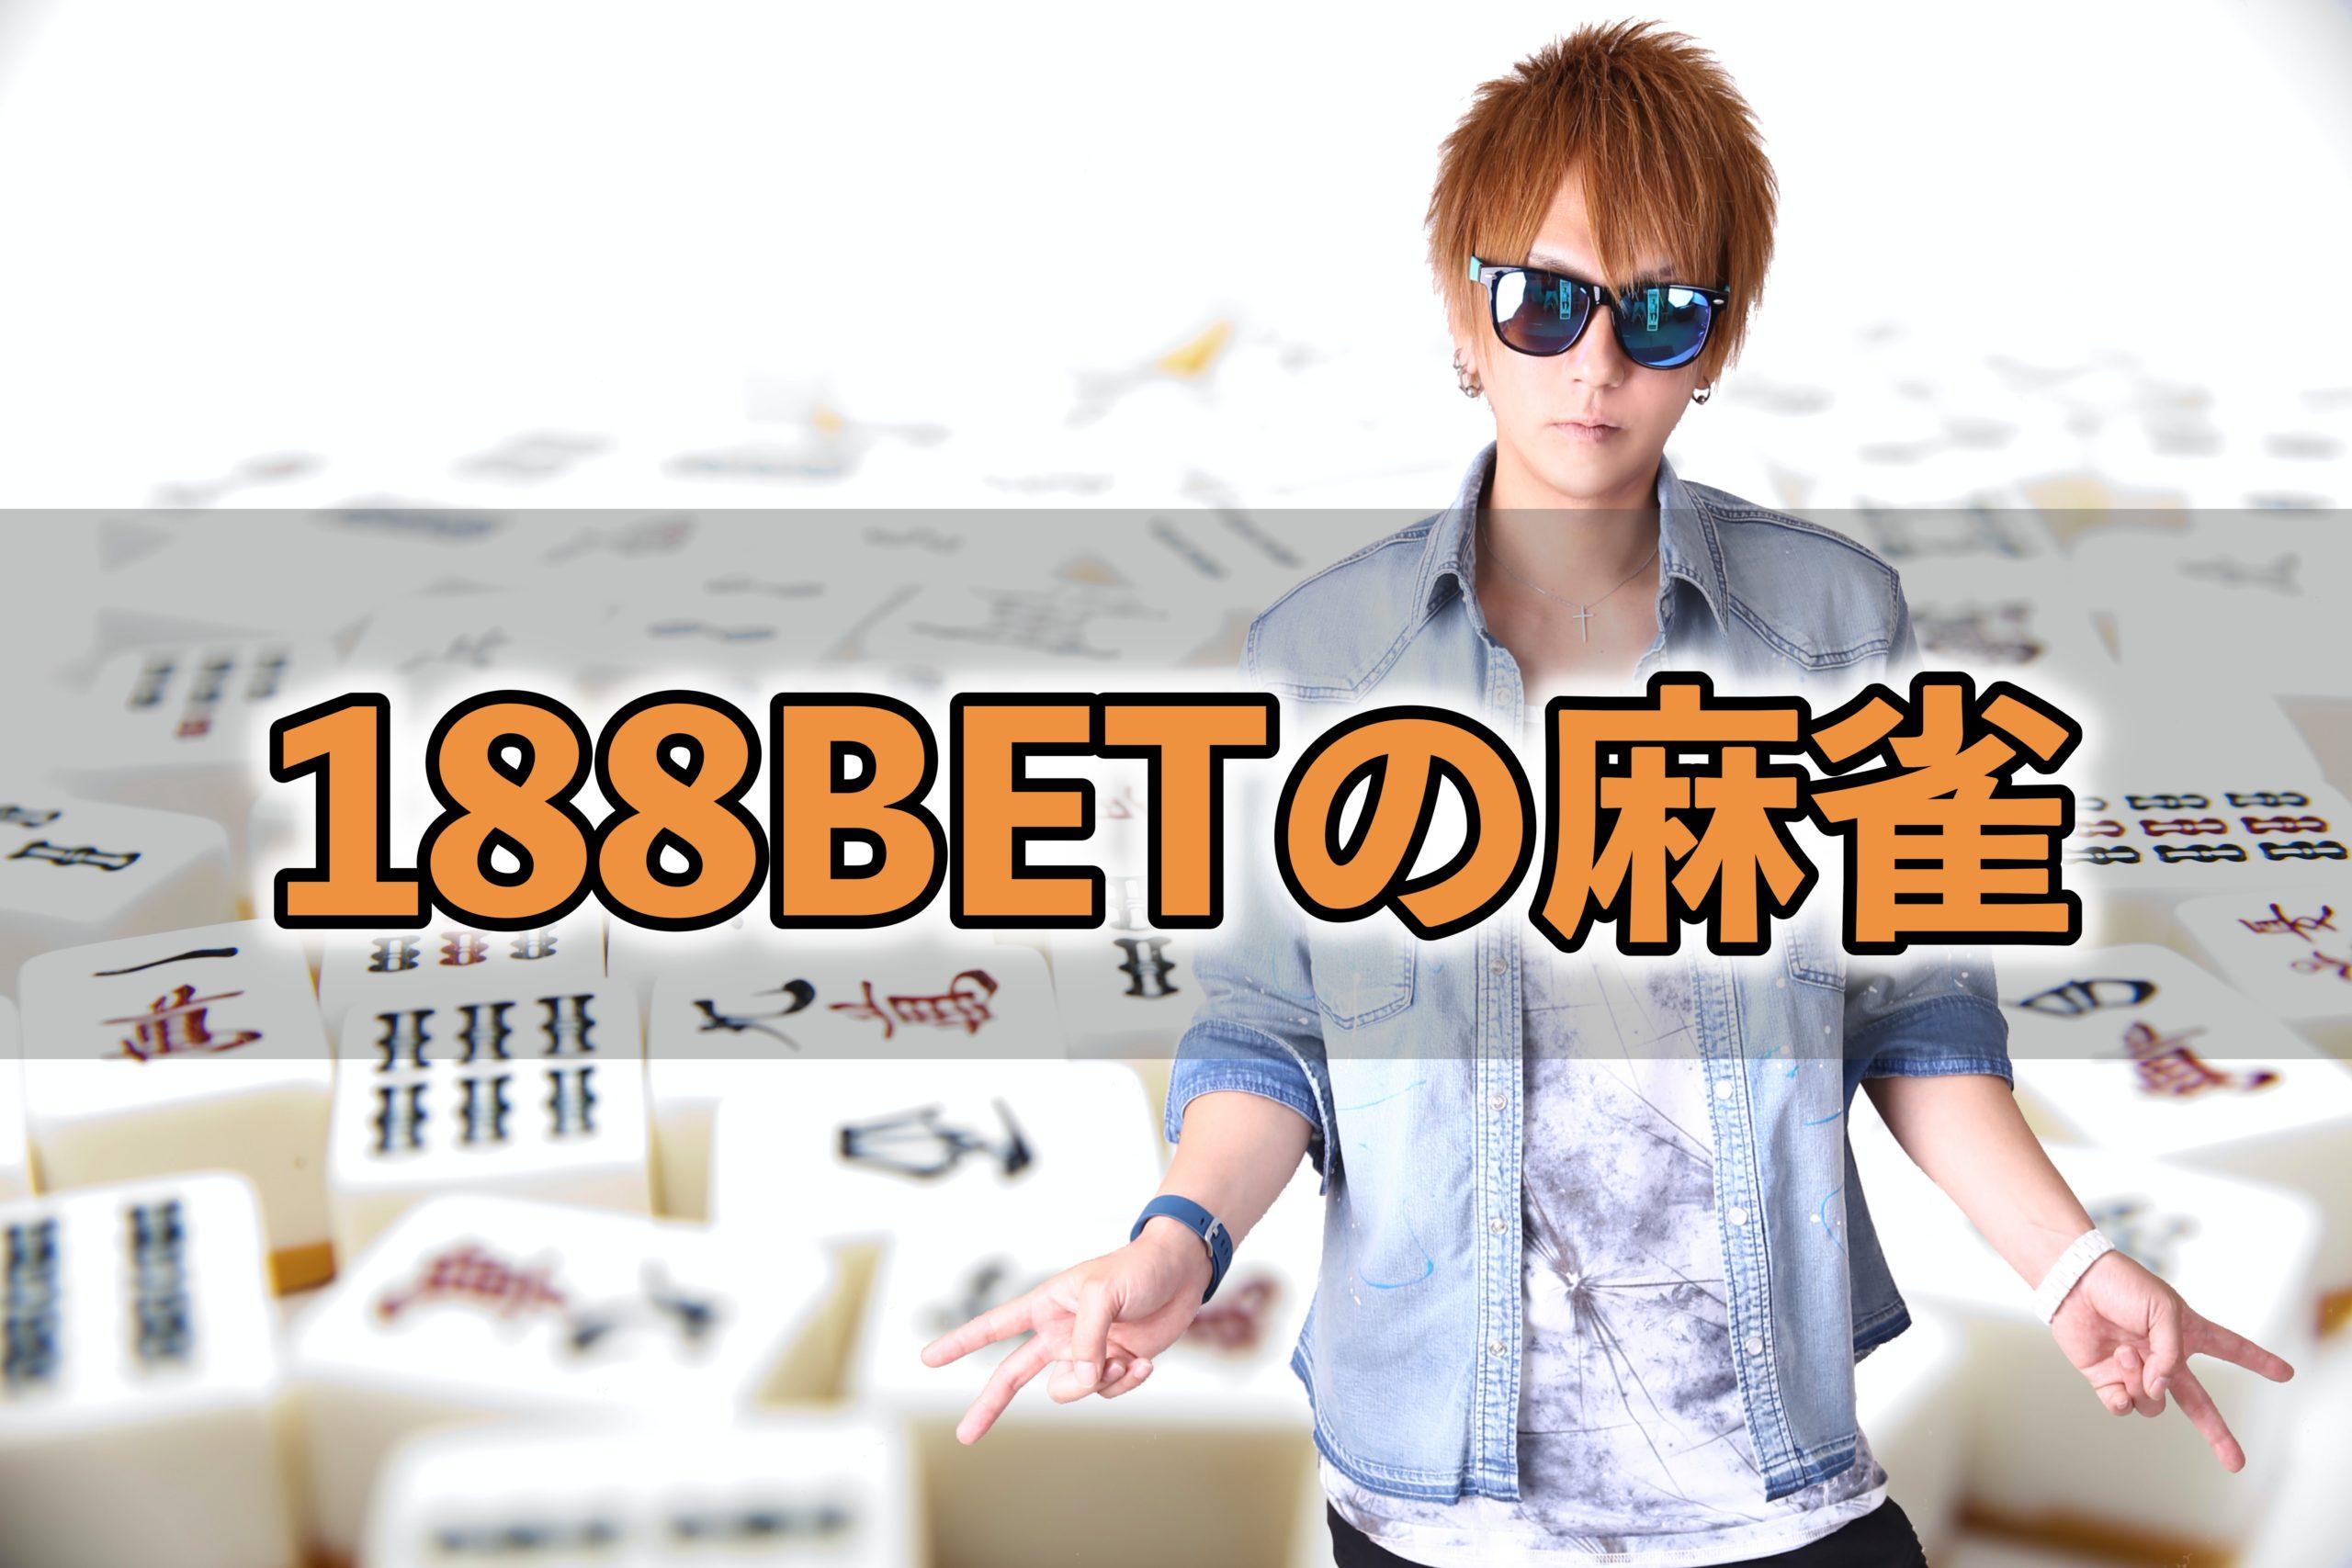 【カジノで麻雀!?】188BETの麻雀を徹底解説!